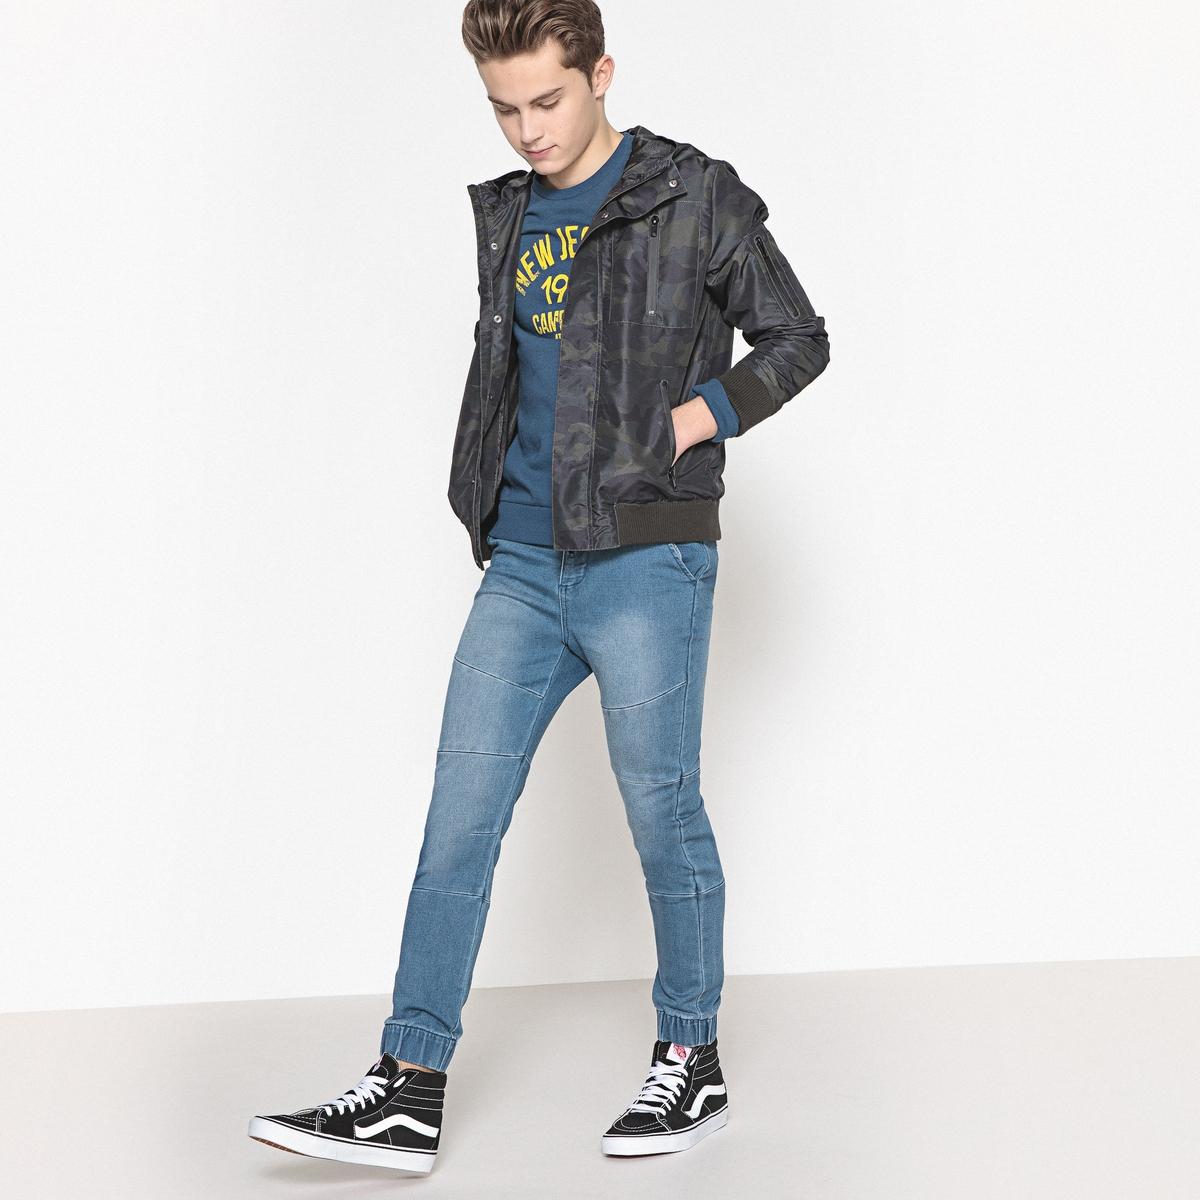 Блузон с капюшоном средней длины 10-16 лет блузон двухцветный с капюшоном 8 16 лет